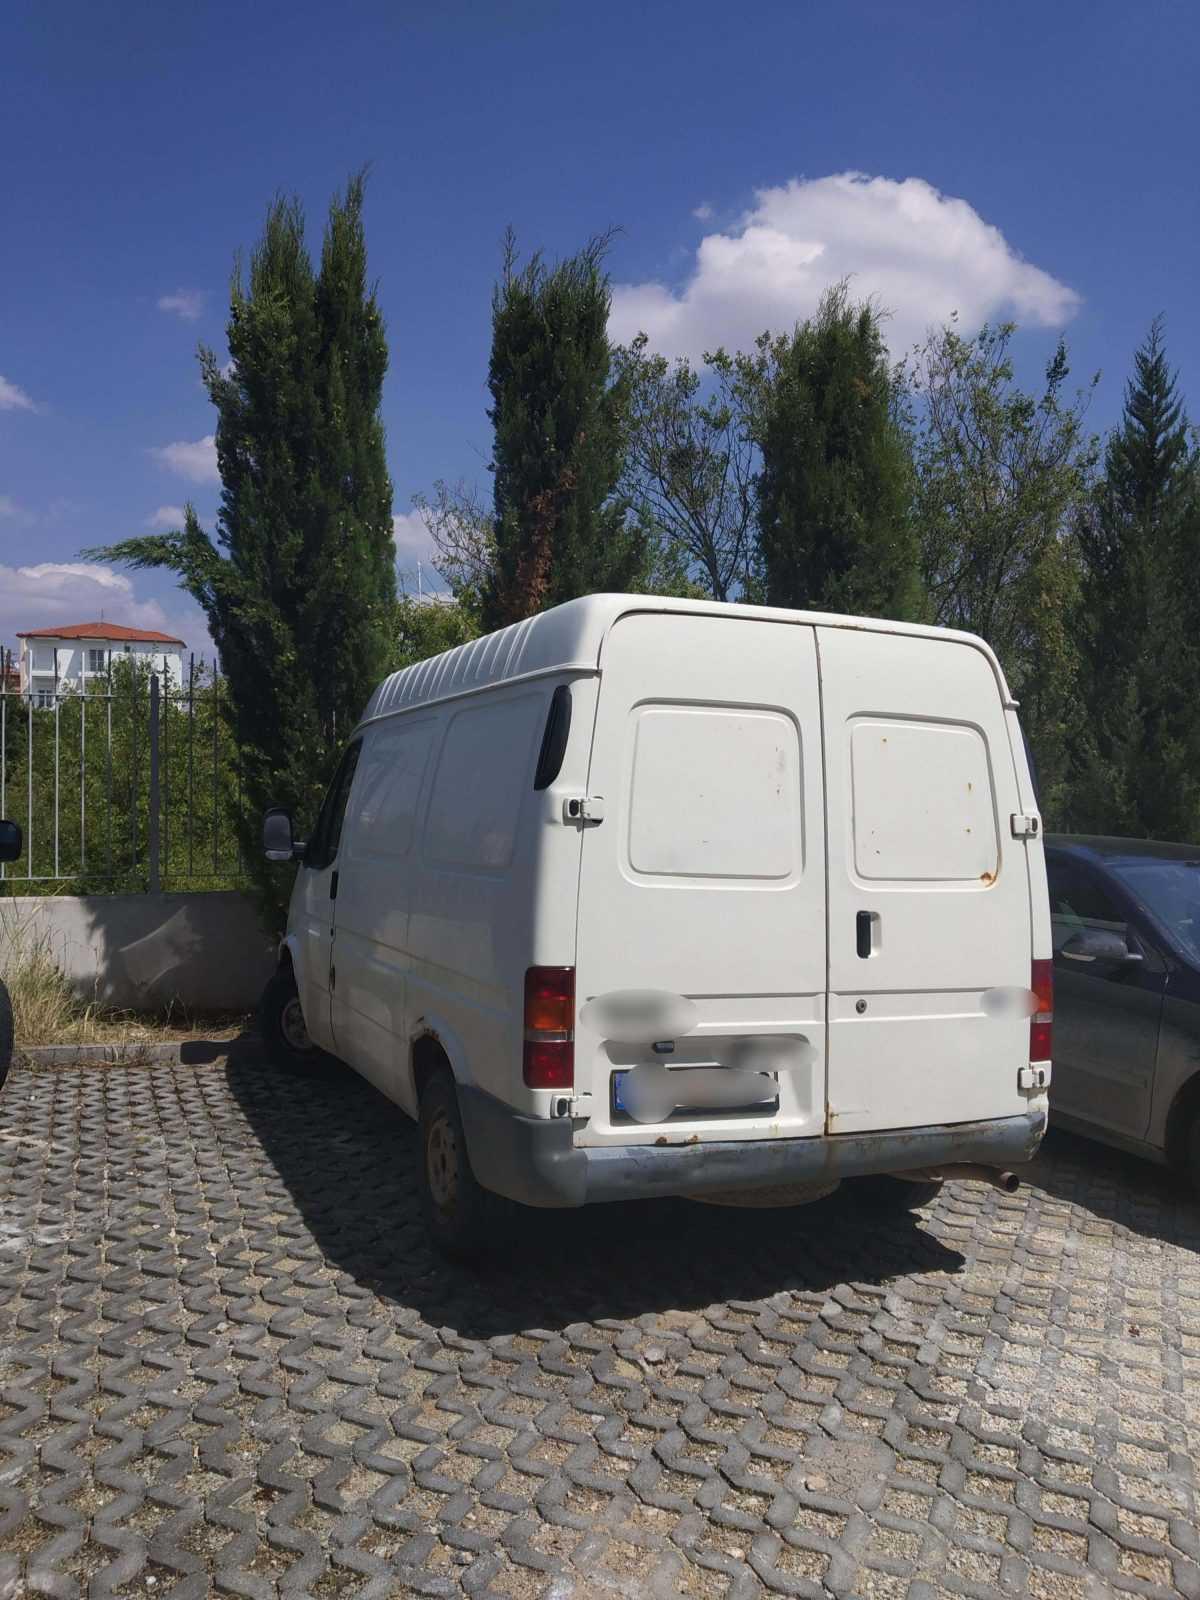 Εξιχνιάσθηκαν από το Τμήμα Ασφάλειας Κοζάνης -19- υποθέσεις κλοπών Ι.Χ.Φ. οχημάτων από περιοχές της Κοζάνης και των Γρεβενών